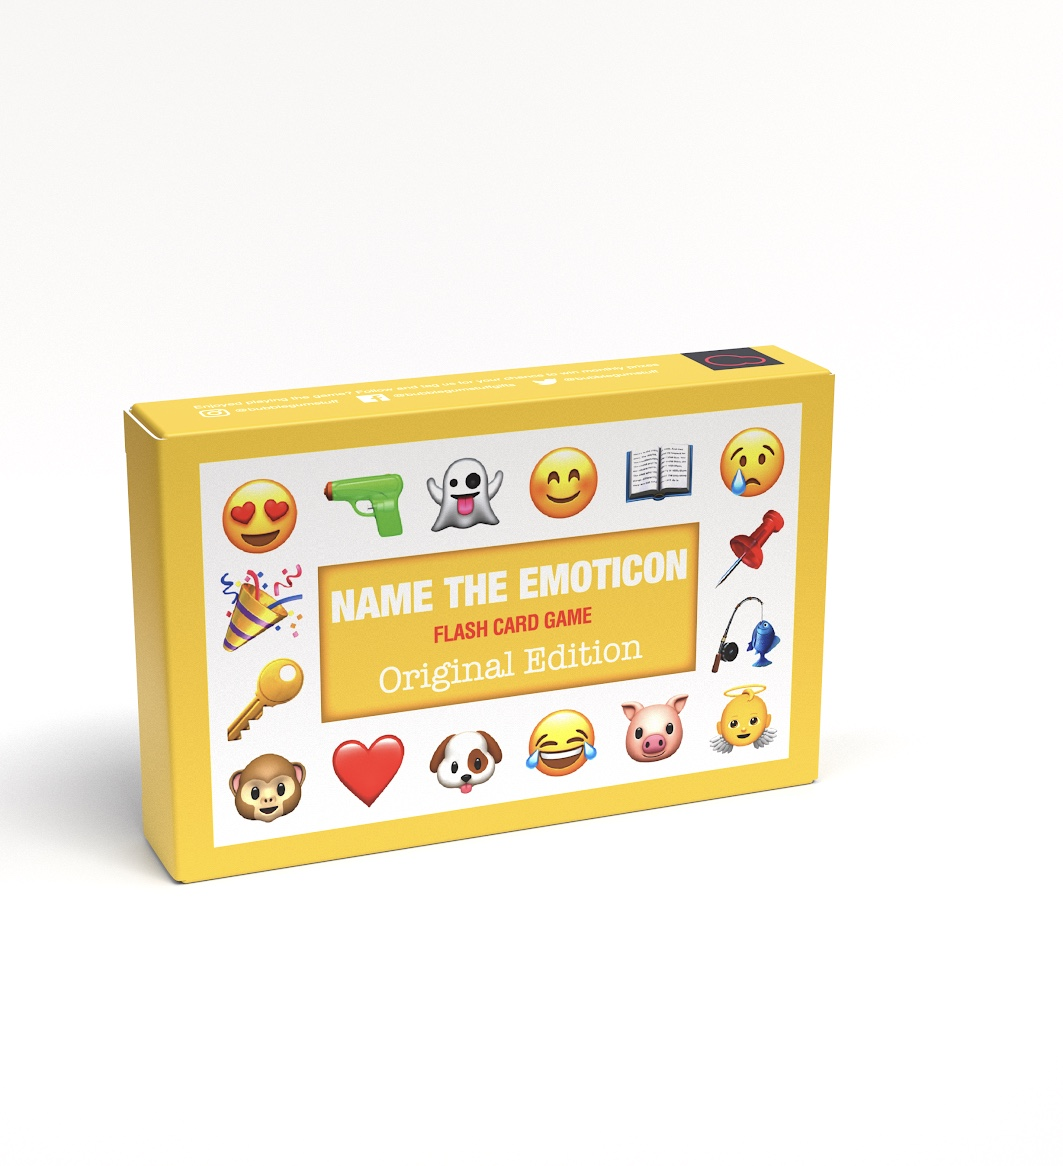 Name The Emoticon Game - Original